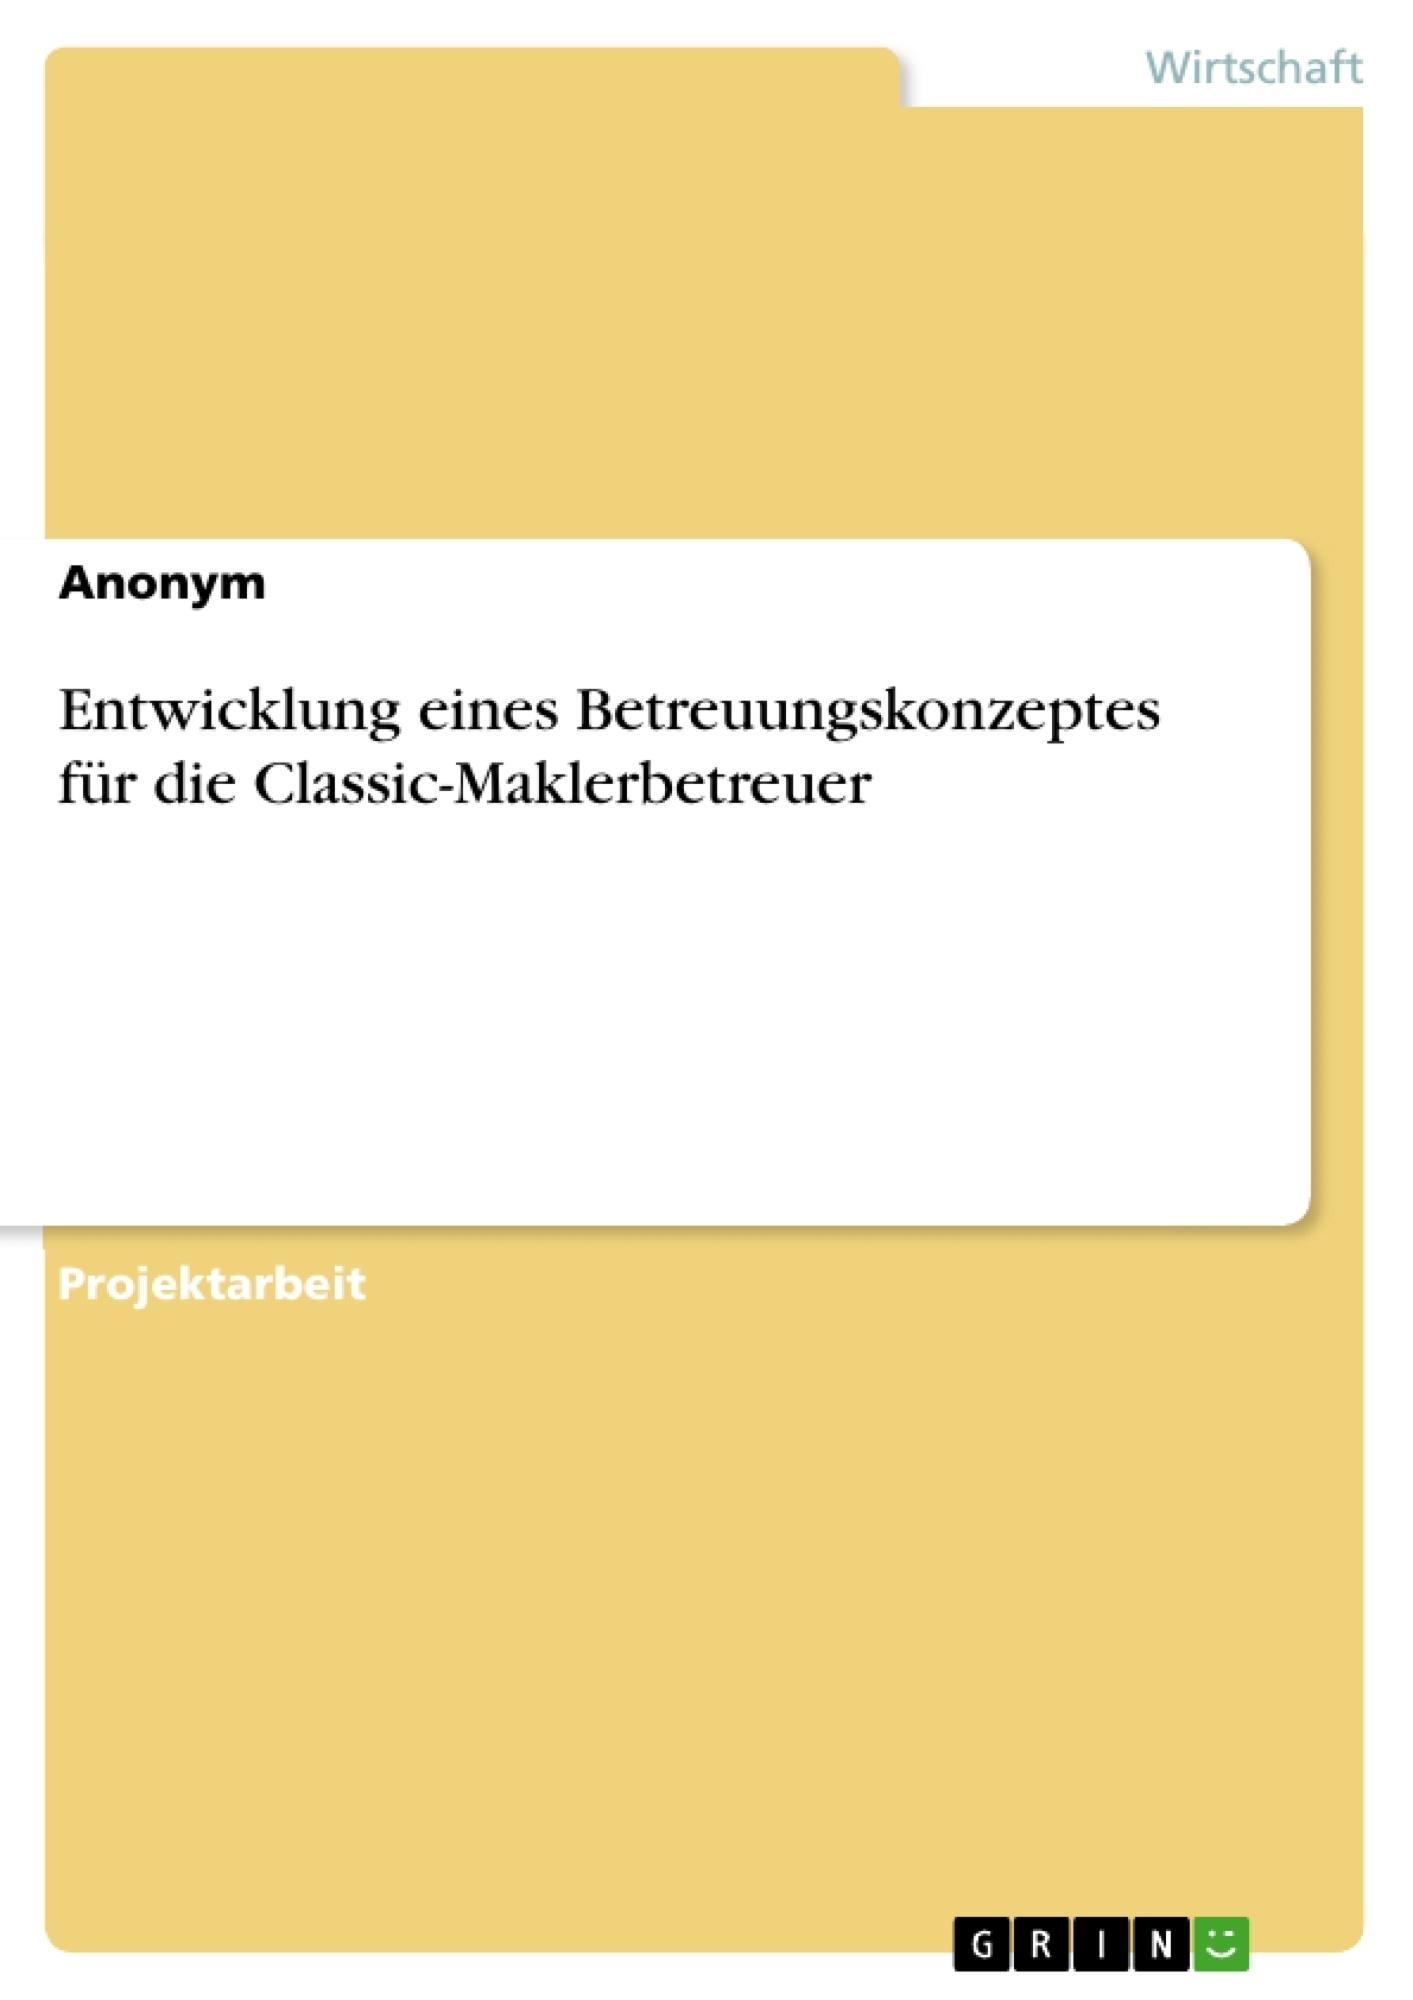 Titel: Entwicklung eines Betreuungskonzeptes für die Classic-Maklerbetreuer